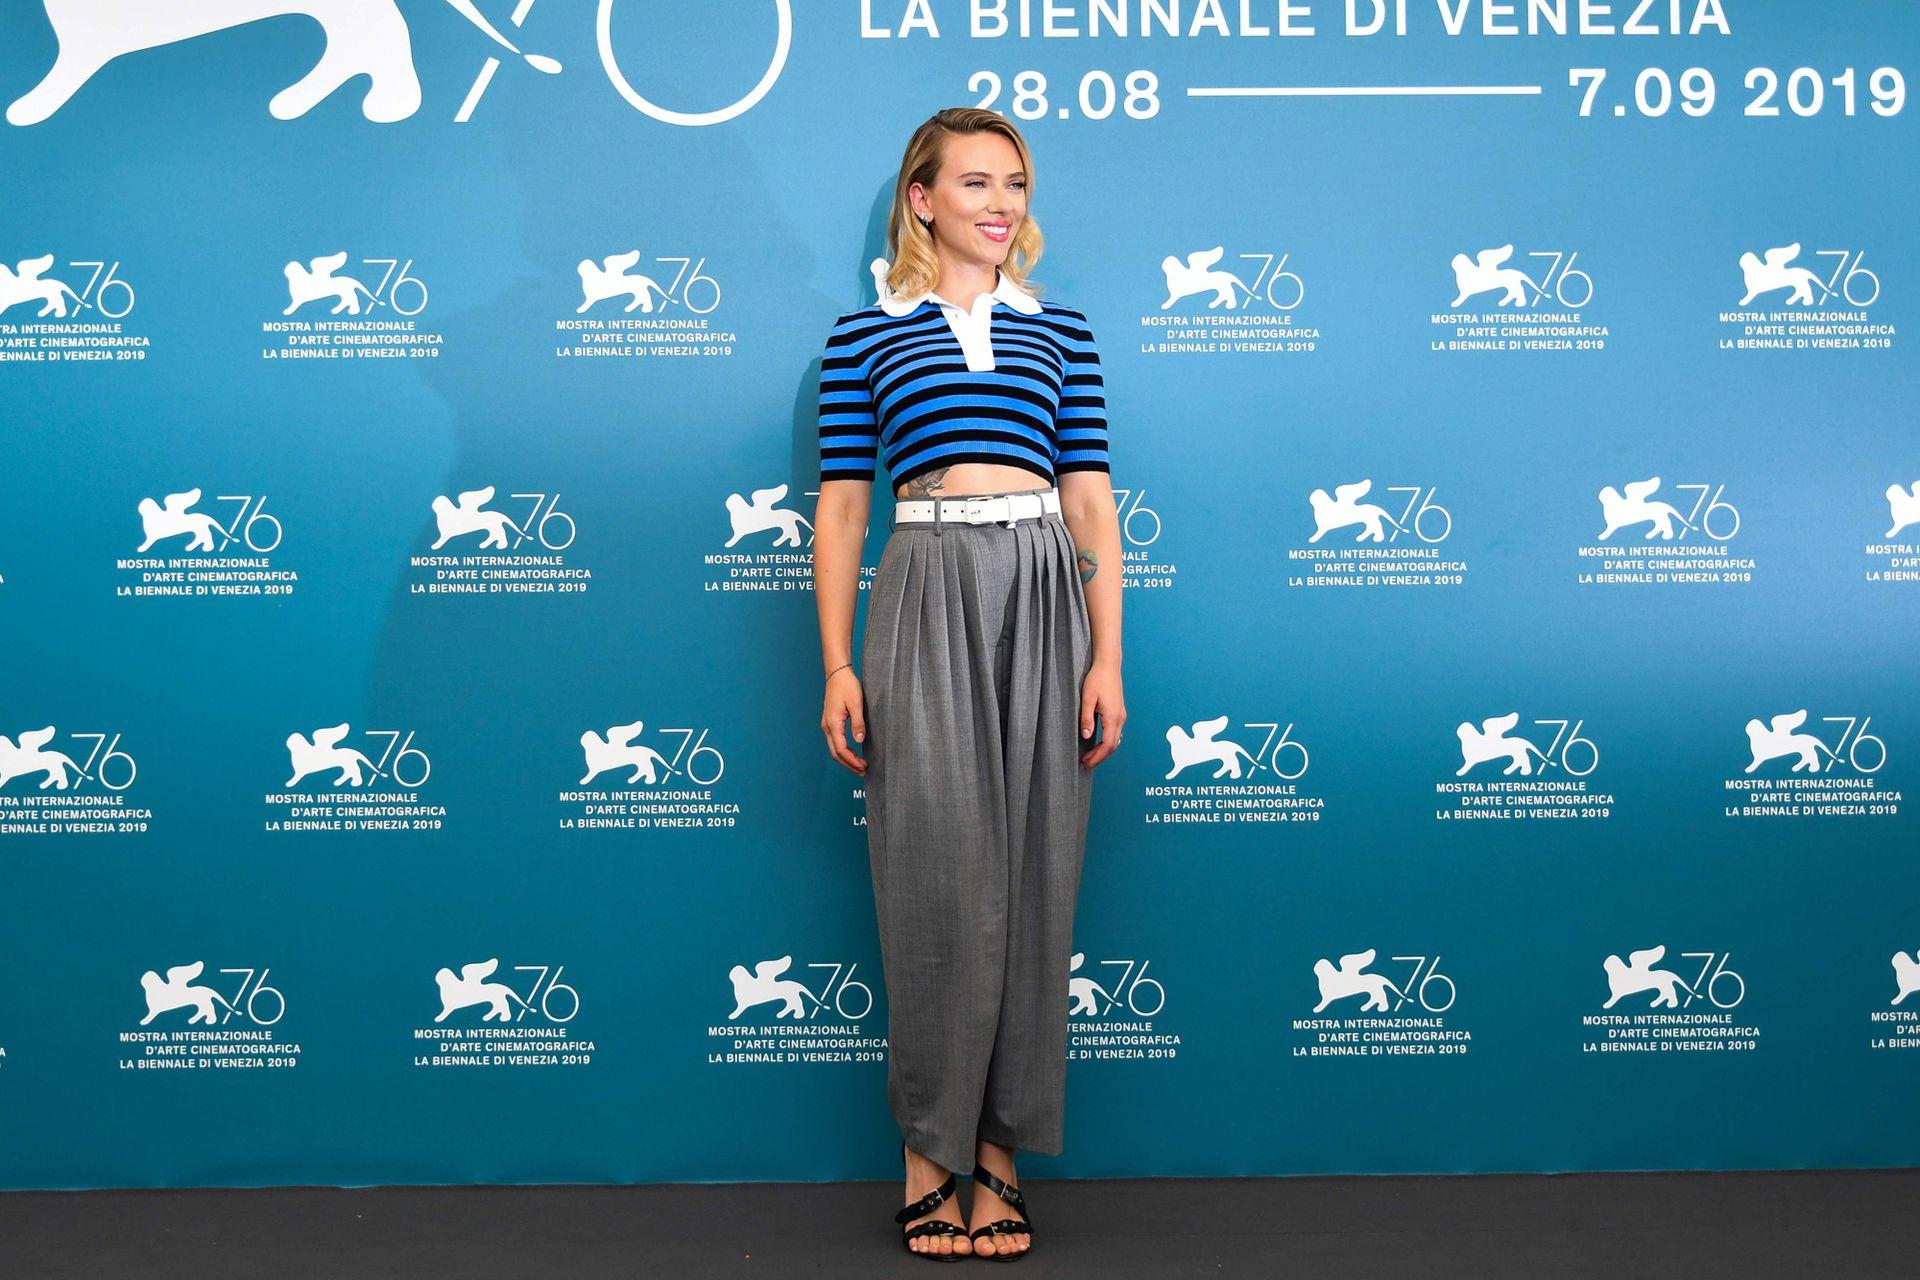 Poco antes de pasar por la alfombra roja, la actriz participó del photocall con un look mucho más informal